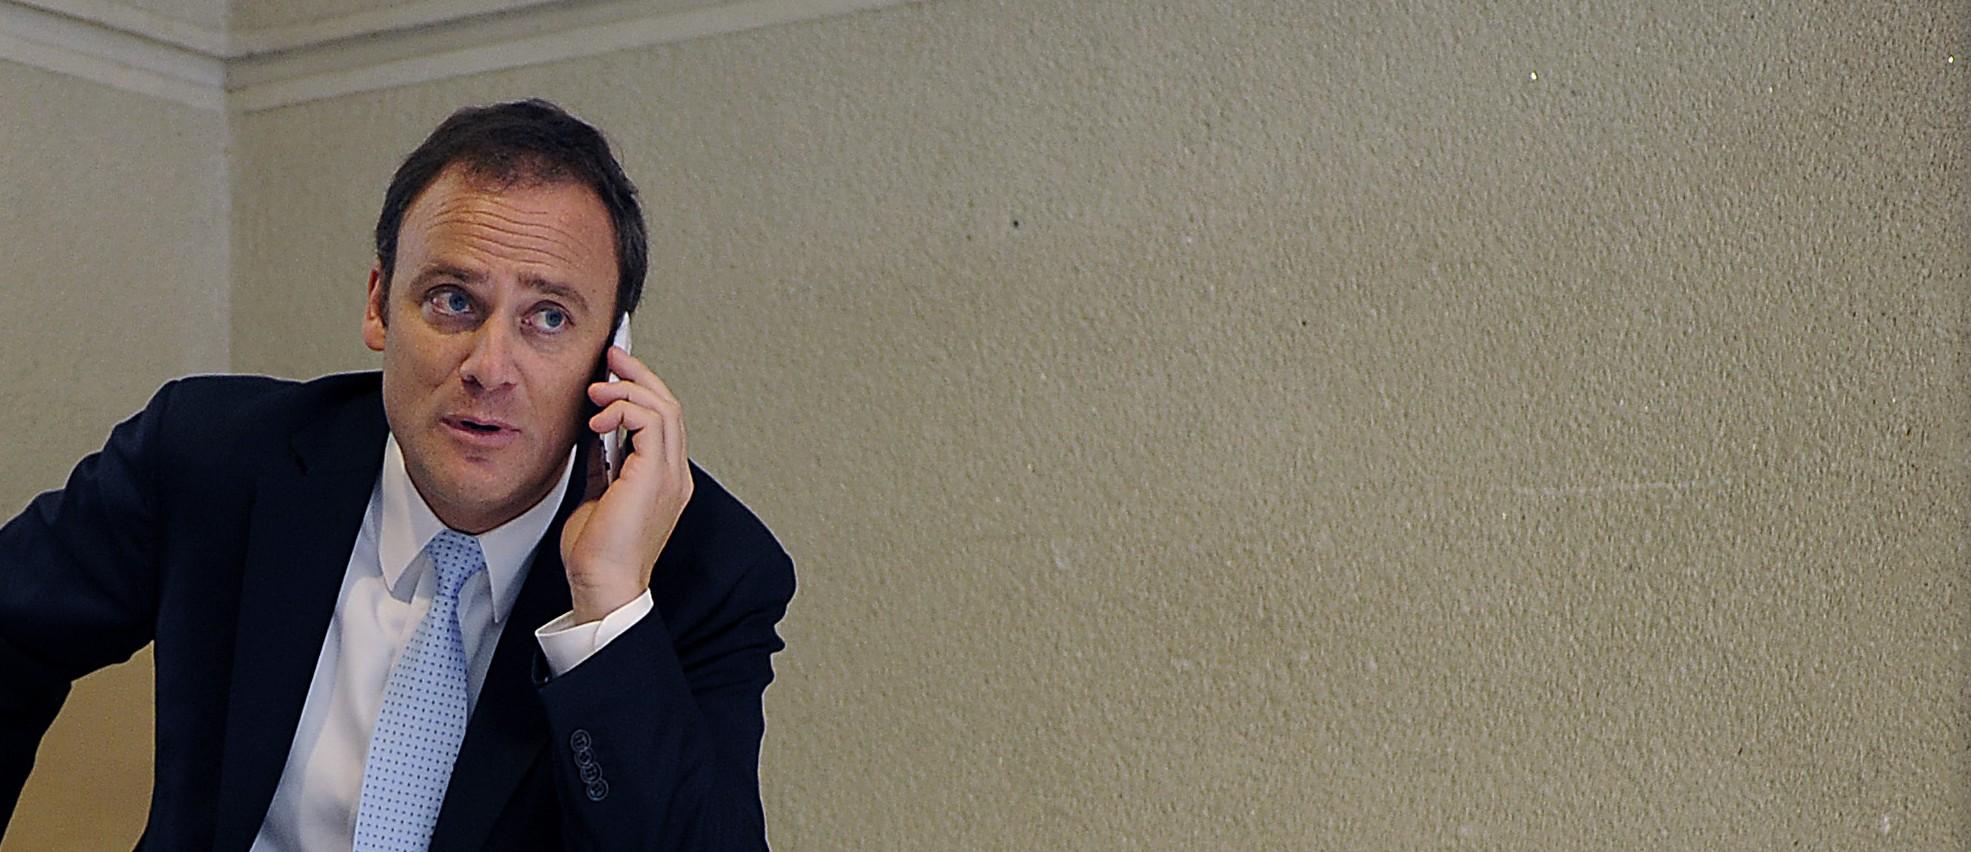 Diputado Felipe Ward / Agencia UNO